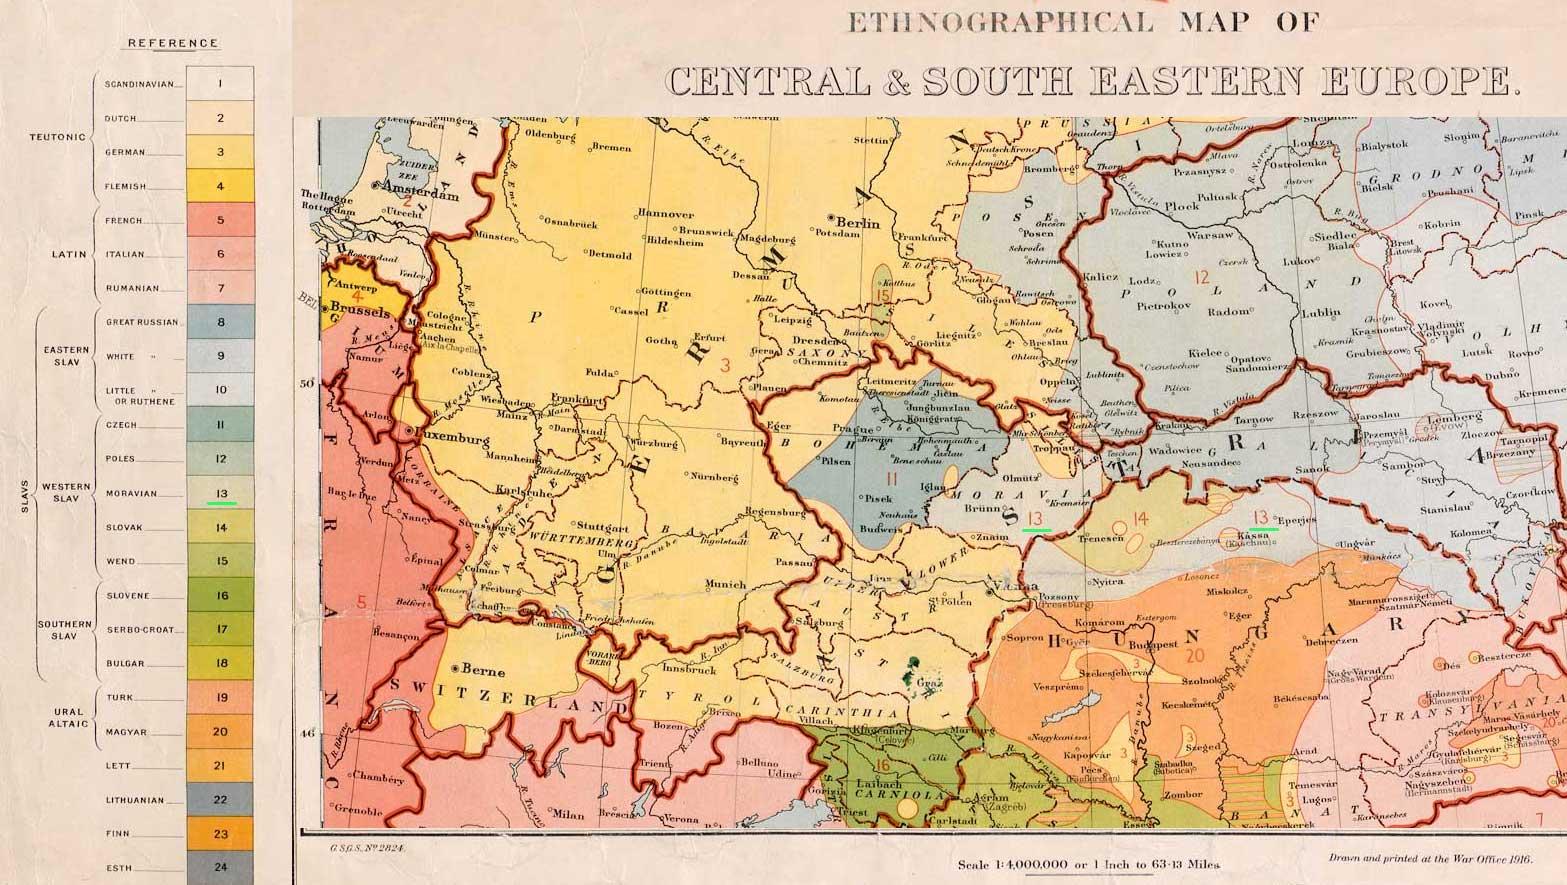 Obrázek moravaci-na-slovensku-1916